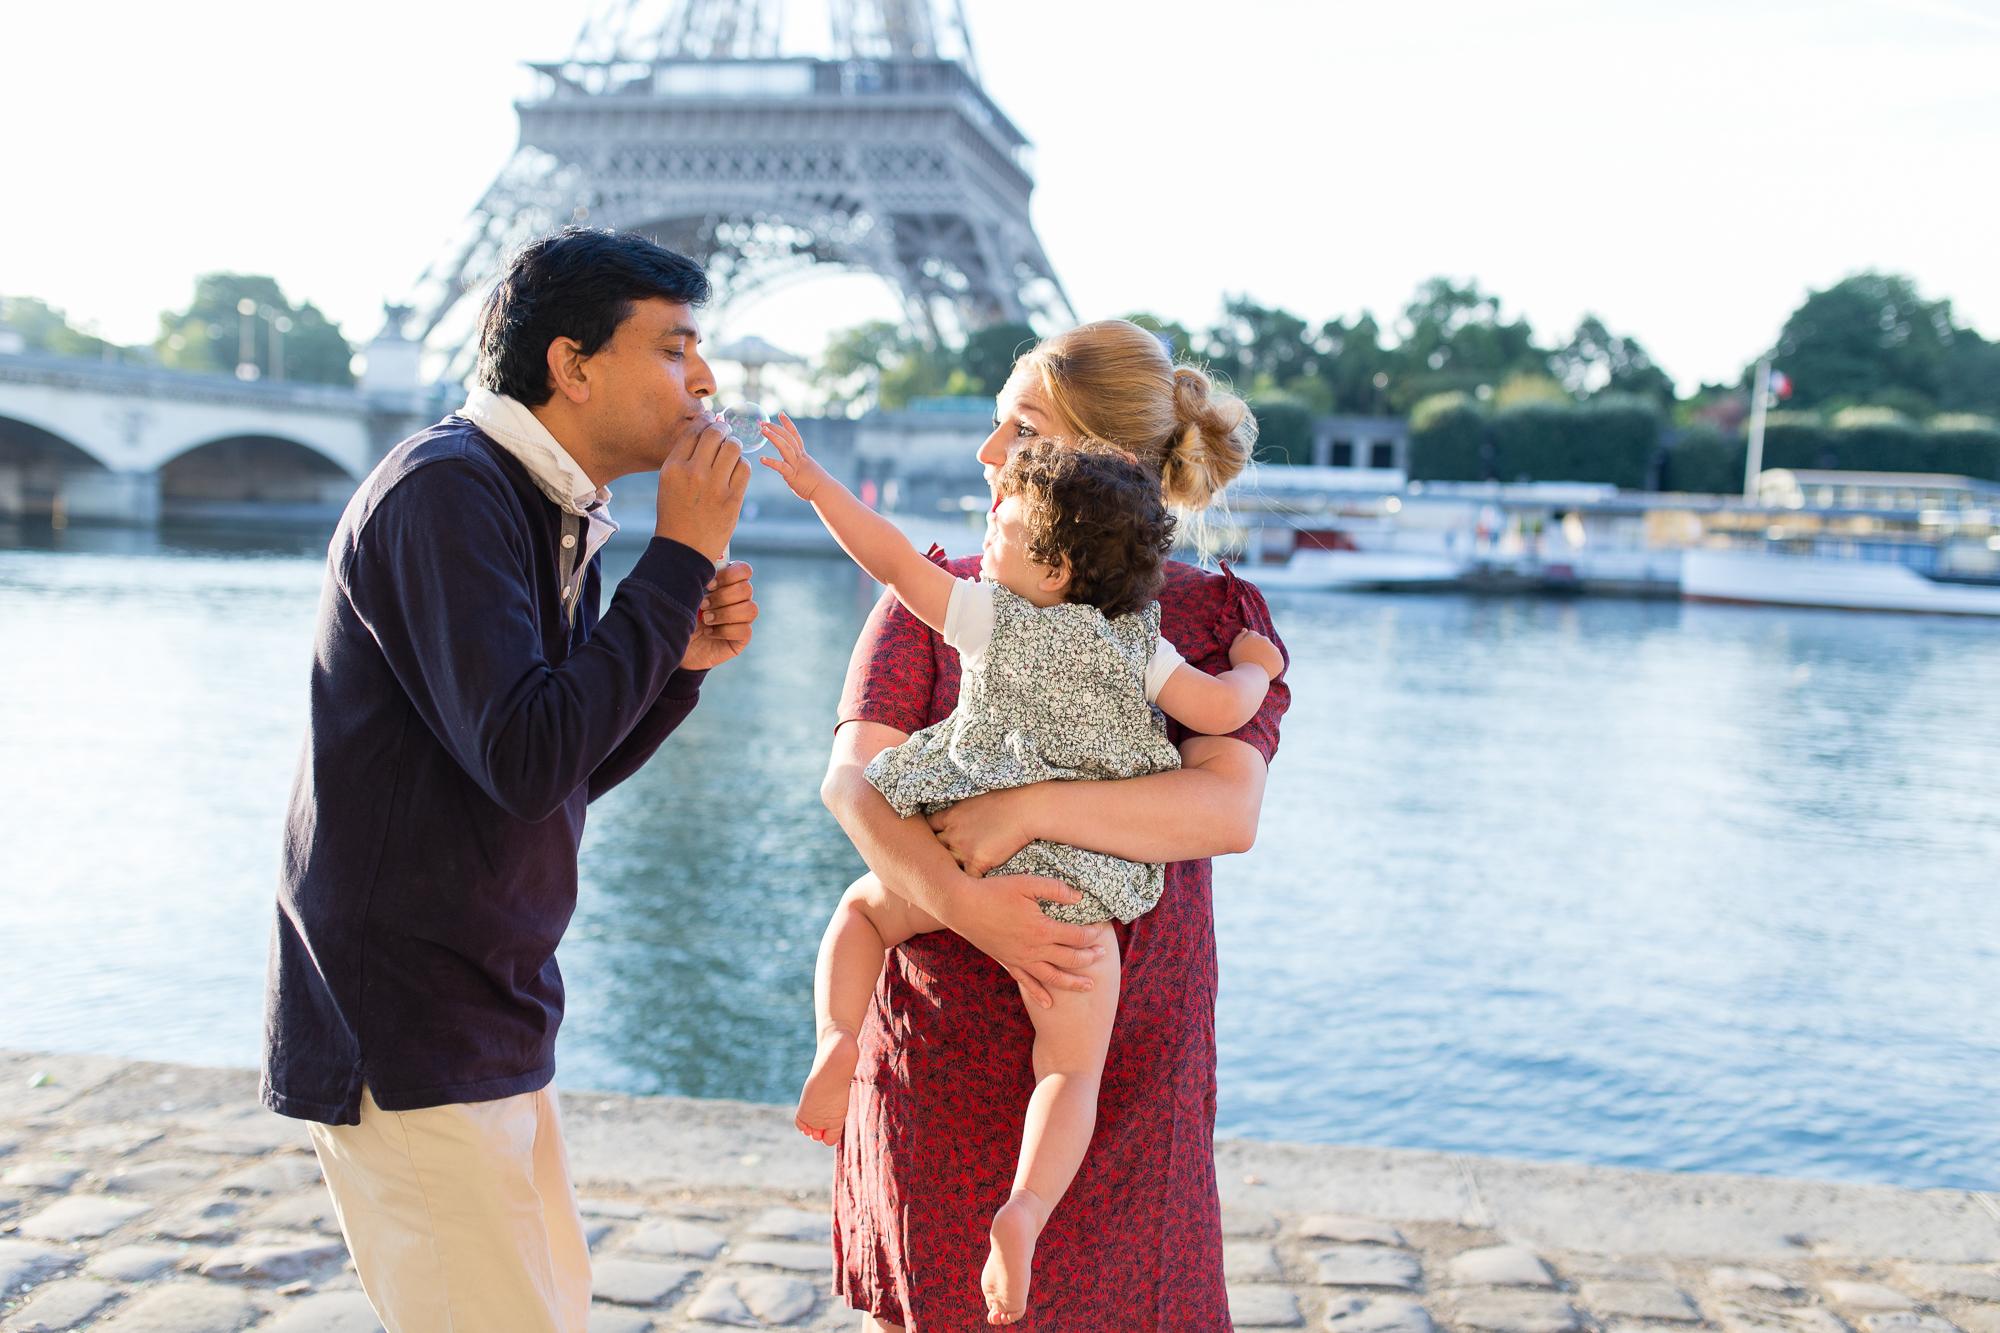 travel-vacation-photographer-europe-paris-bordeaux-2.jpg